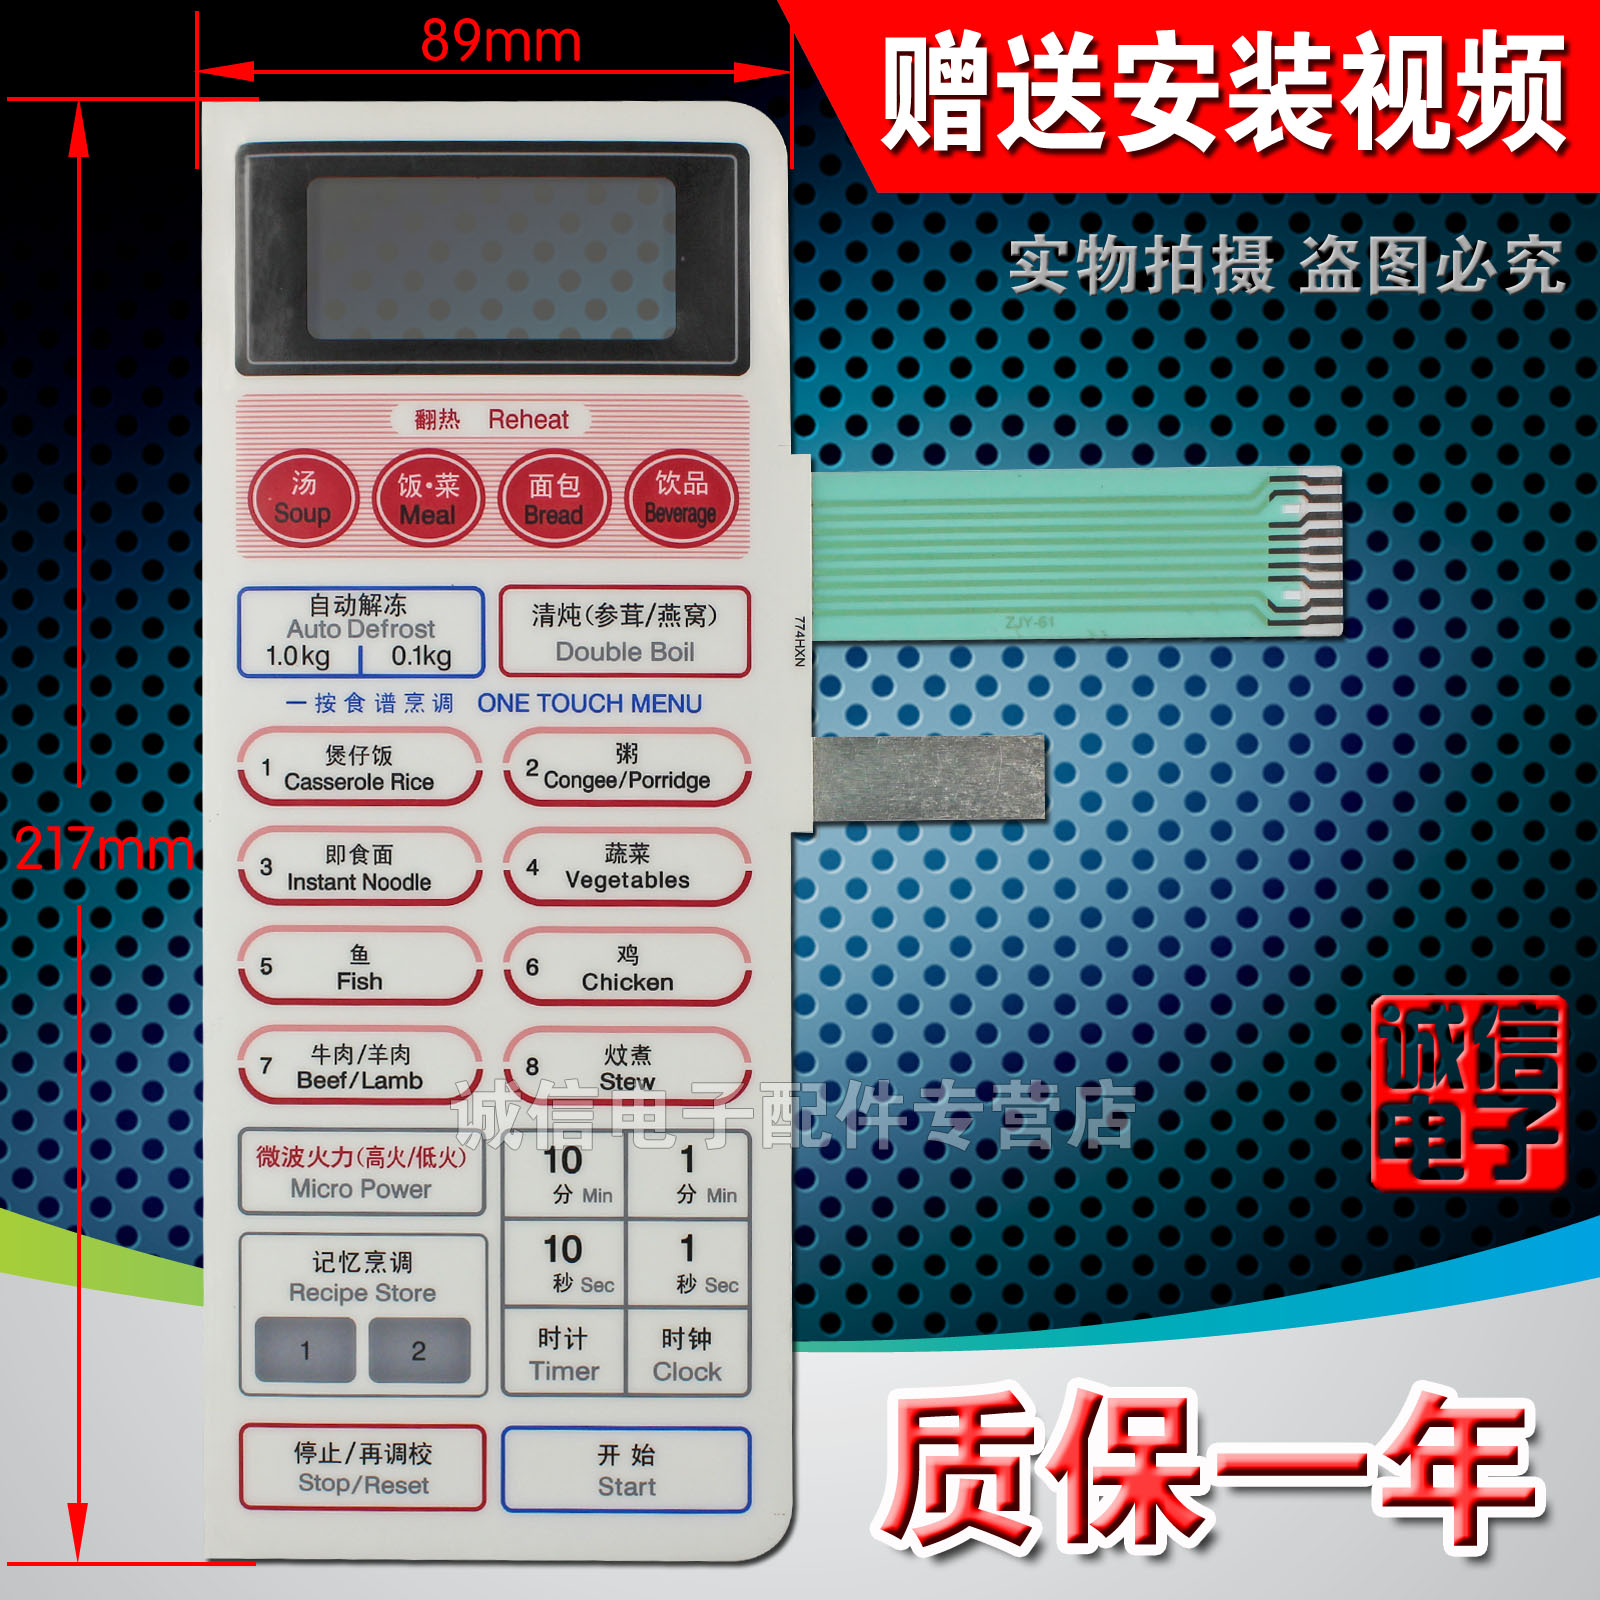 Lò vi sóng phim mới bấm nút công tắc NN-5655SNN-5626FSNN-5755 chạm bảng